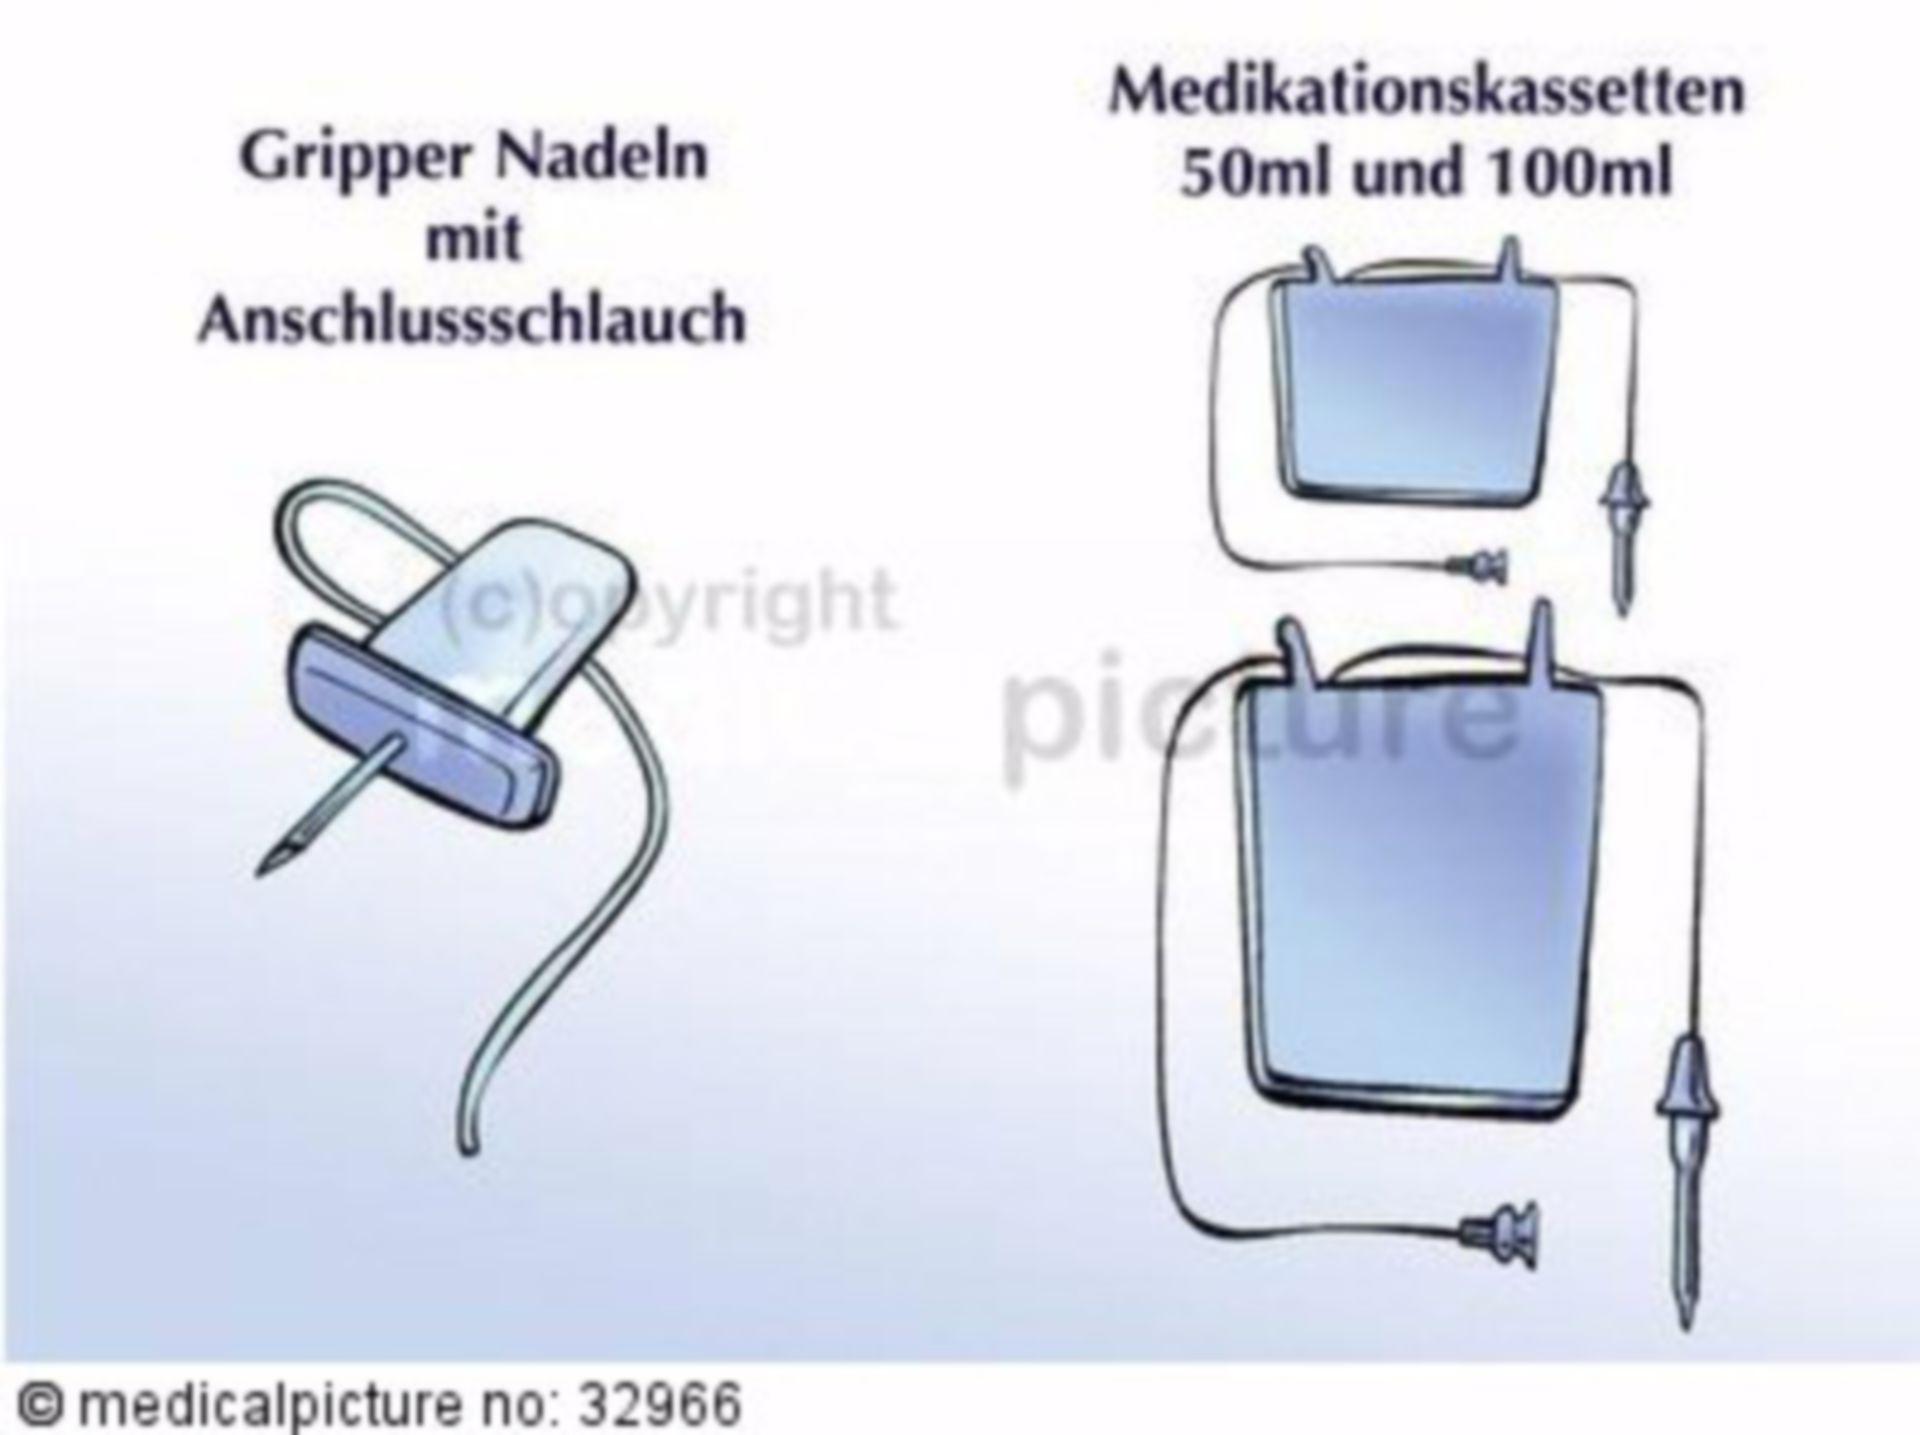 Tragbare Schmerzpumpe für chronische Schmerzpatienten